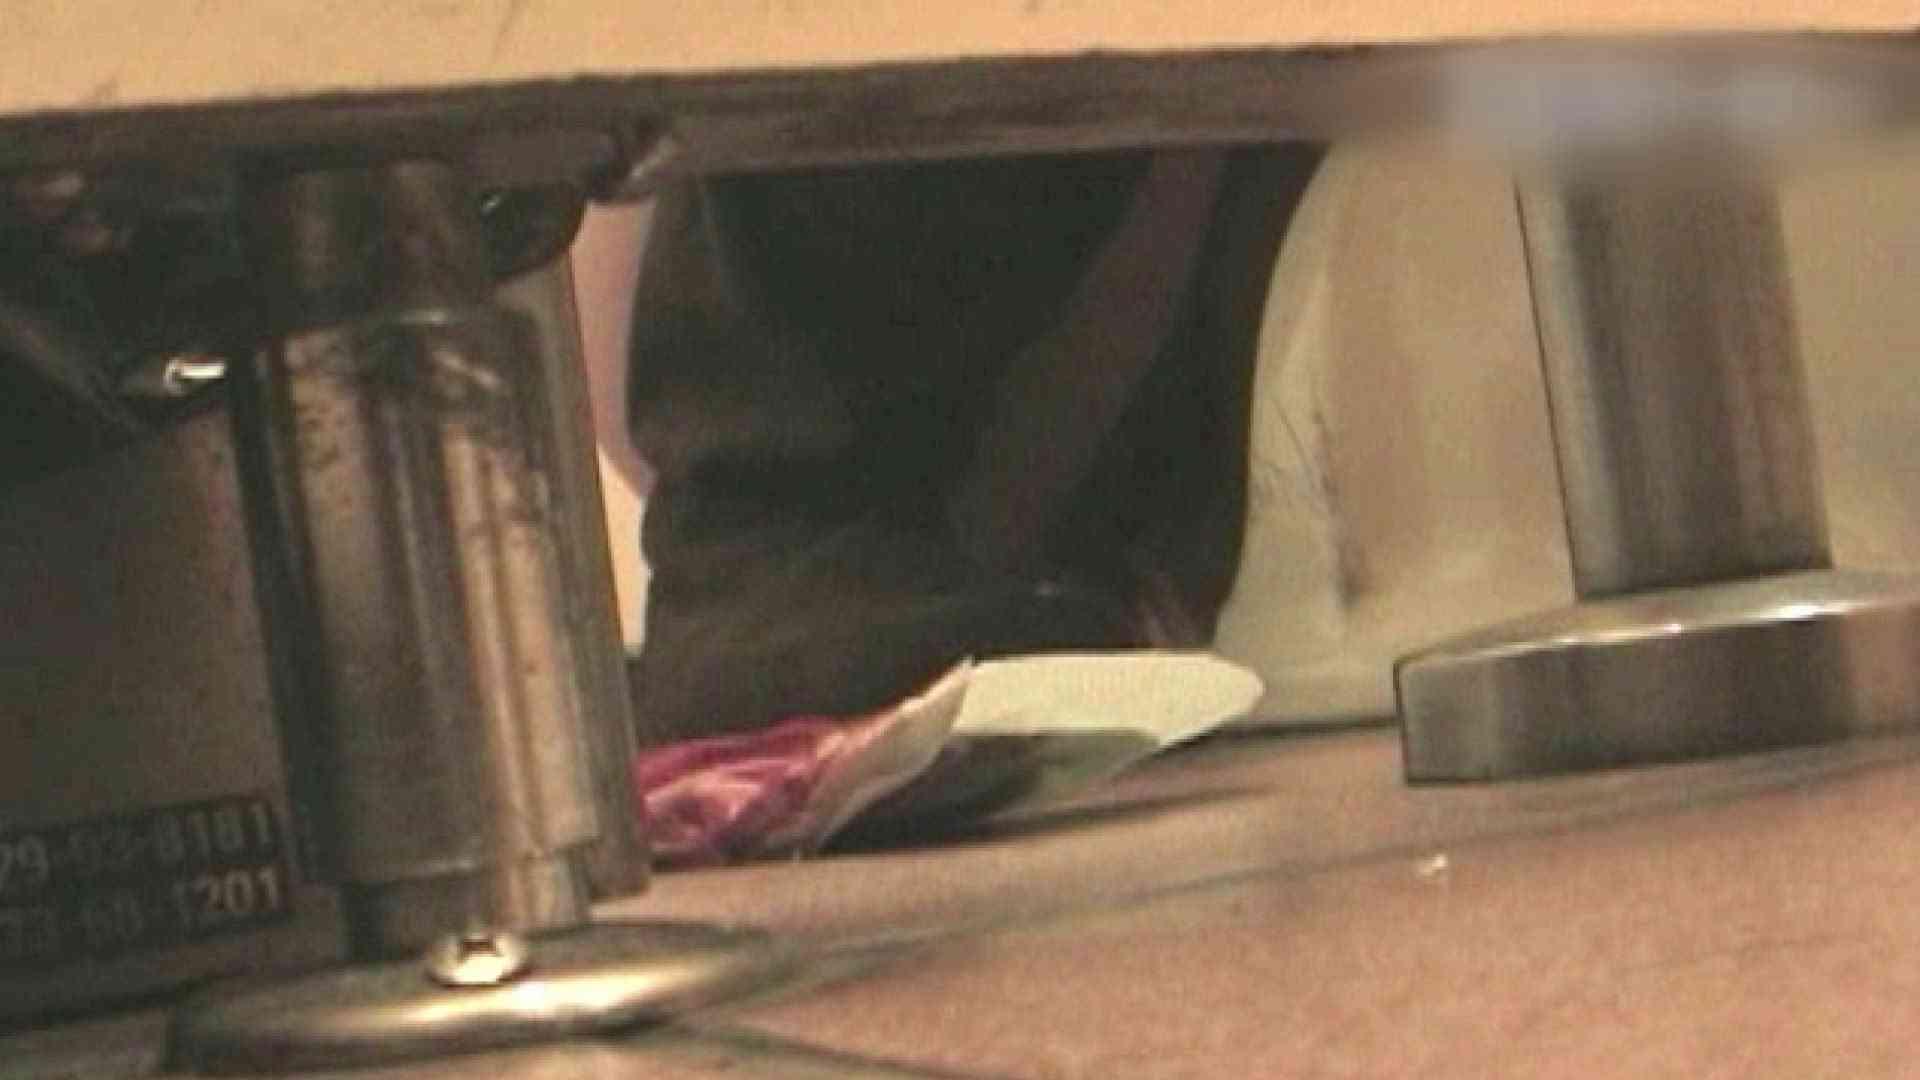 ロックハンドさんの盗撮記録File.24 盗撮師作品 | マンコ・ムレムレ  92pic 73